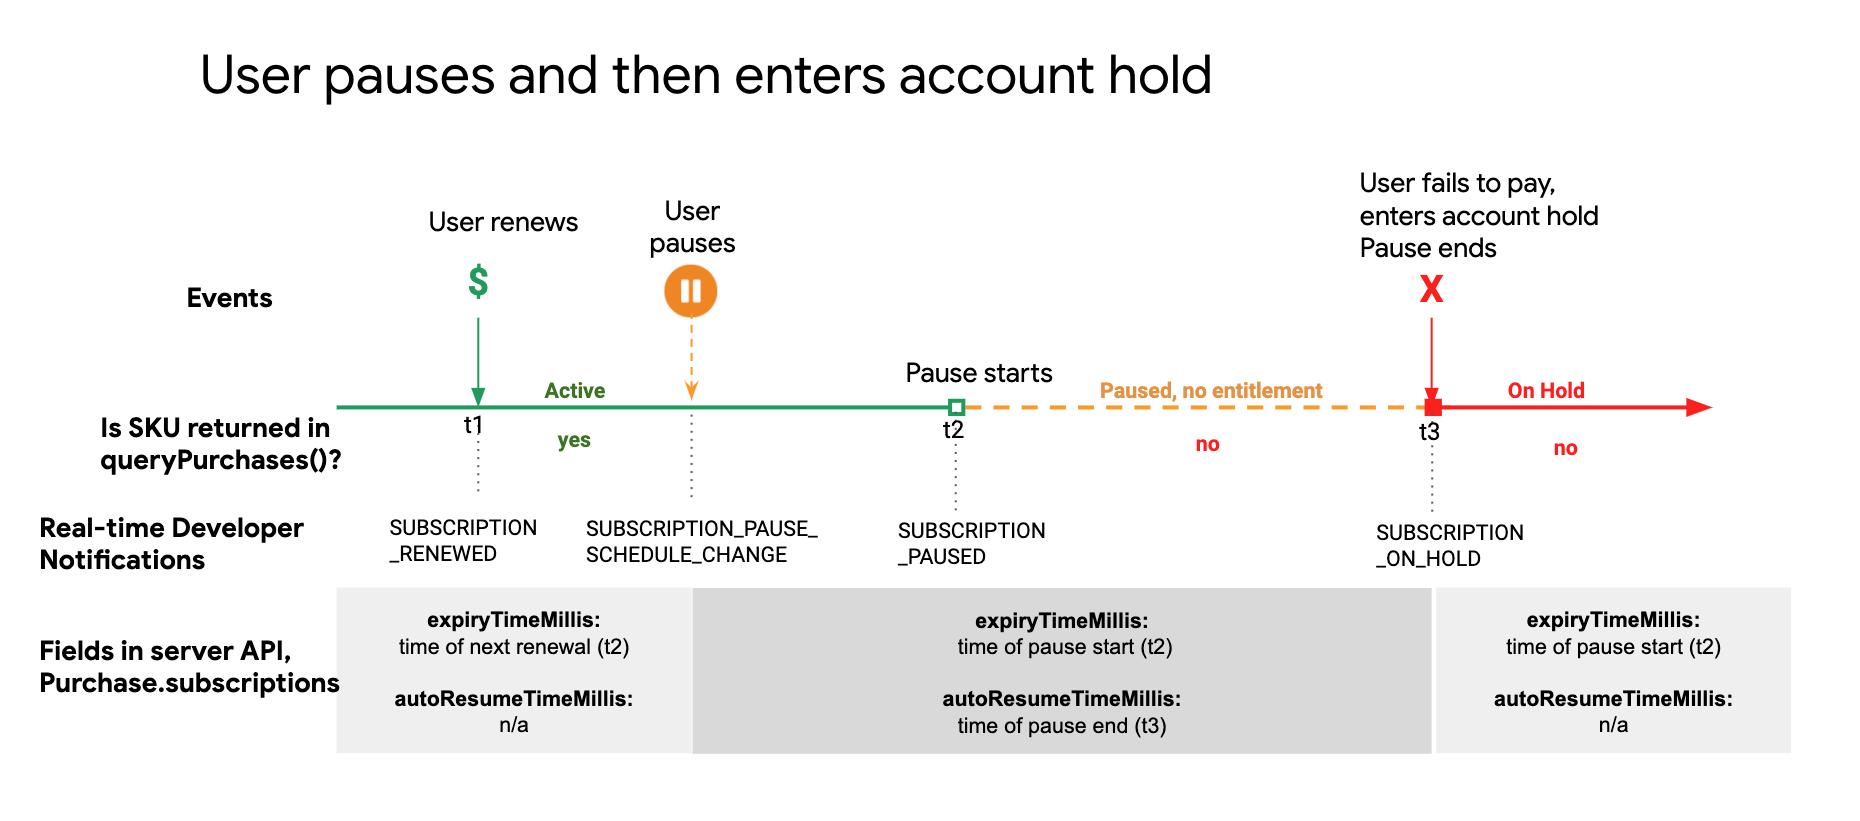 Un usuario pausa su suscripción y se suspende la cuenta